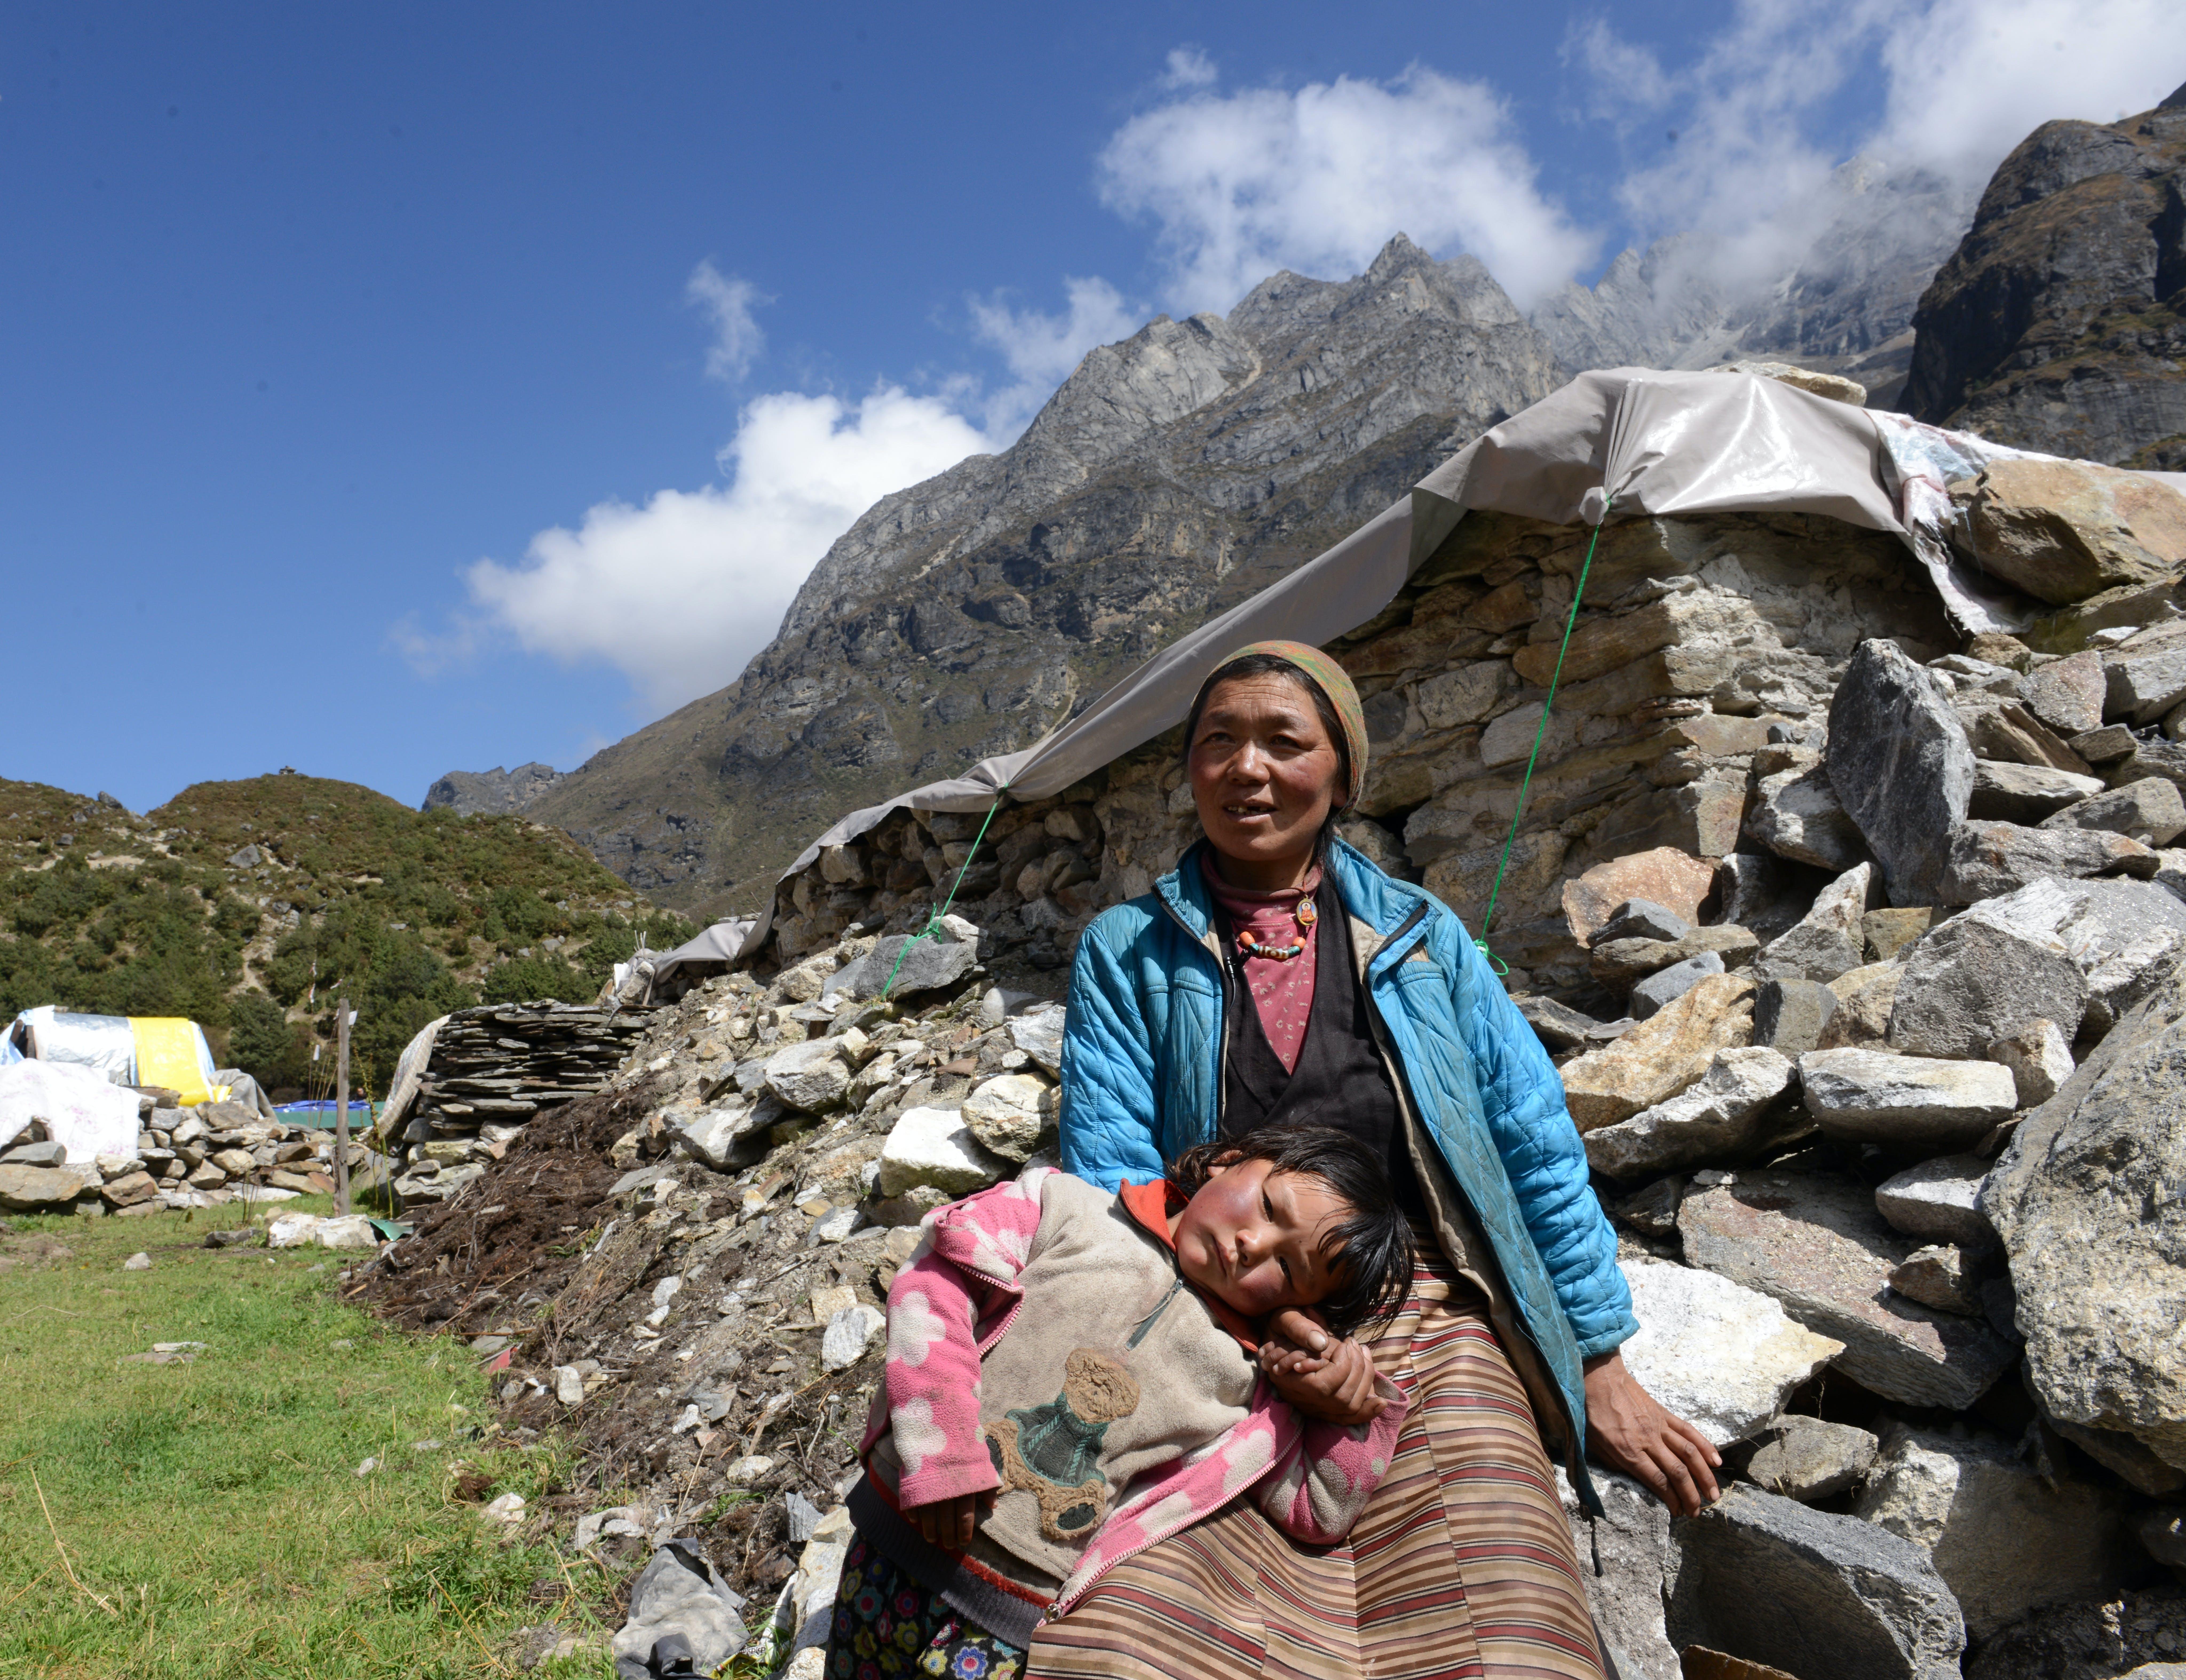 2015, terremoto in Nepal. Ang Dolker, 5 anni, e sua madre vedova Daati Sherpa si trovano fuori daloro casa danneggiata dal terremoto nel distretto di Solukhumbu.